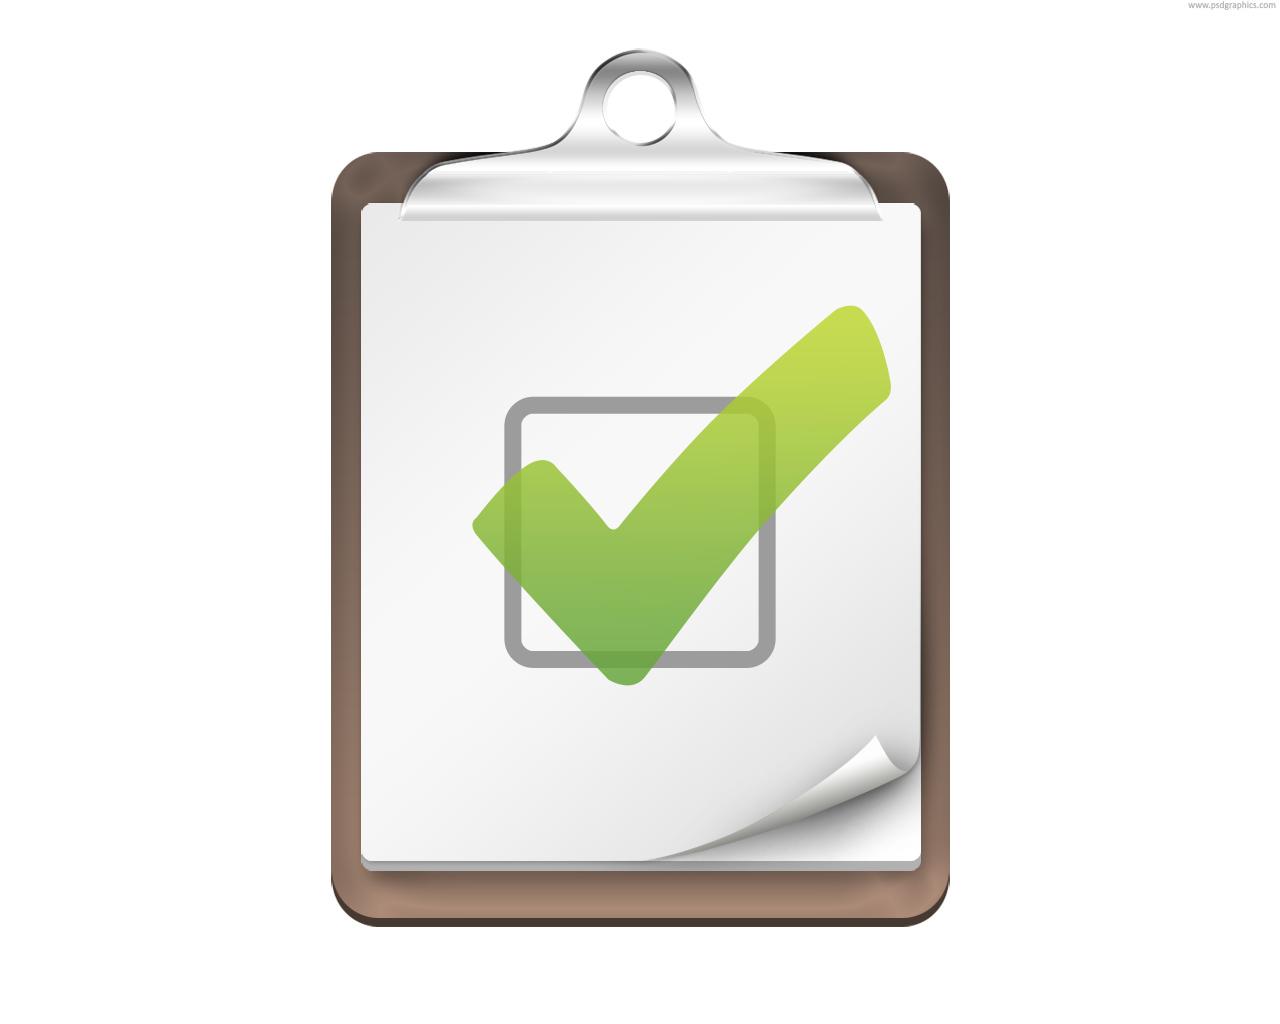 Checklist Icon Psd Psdgraphics